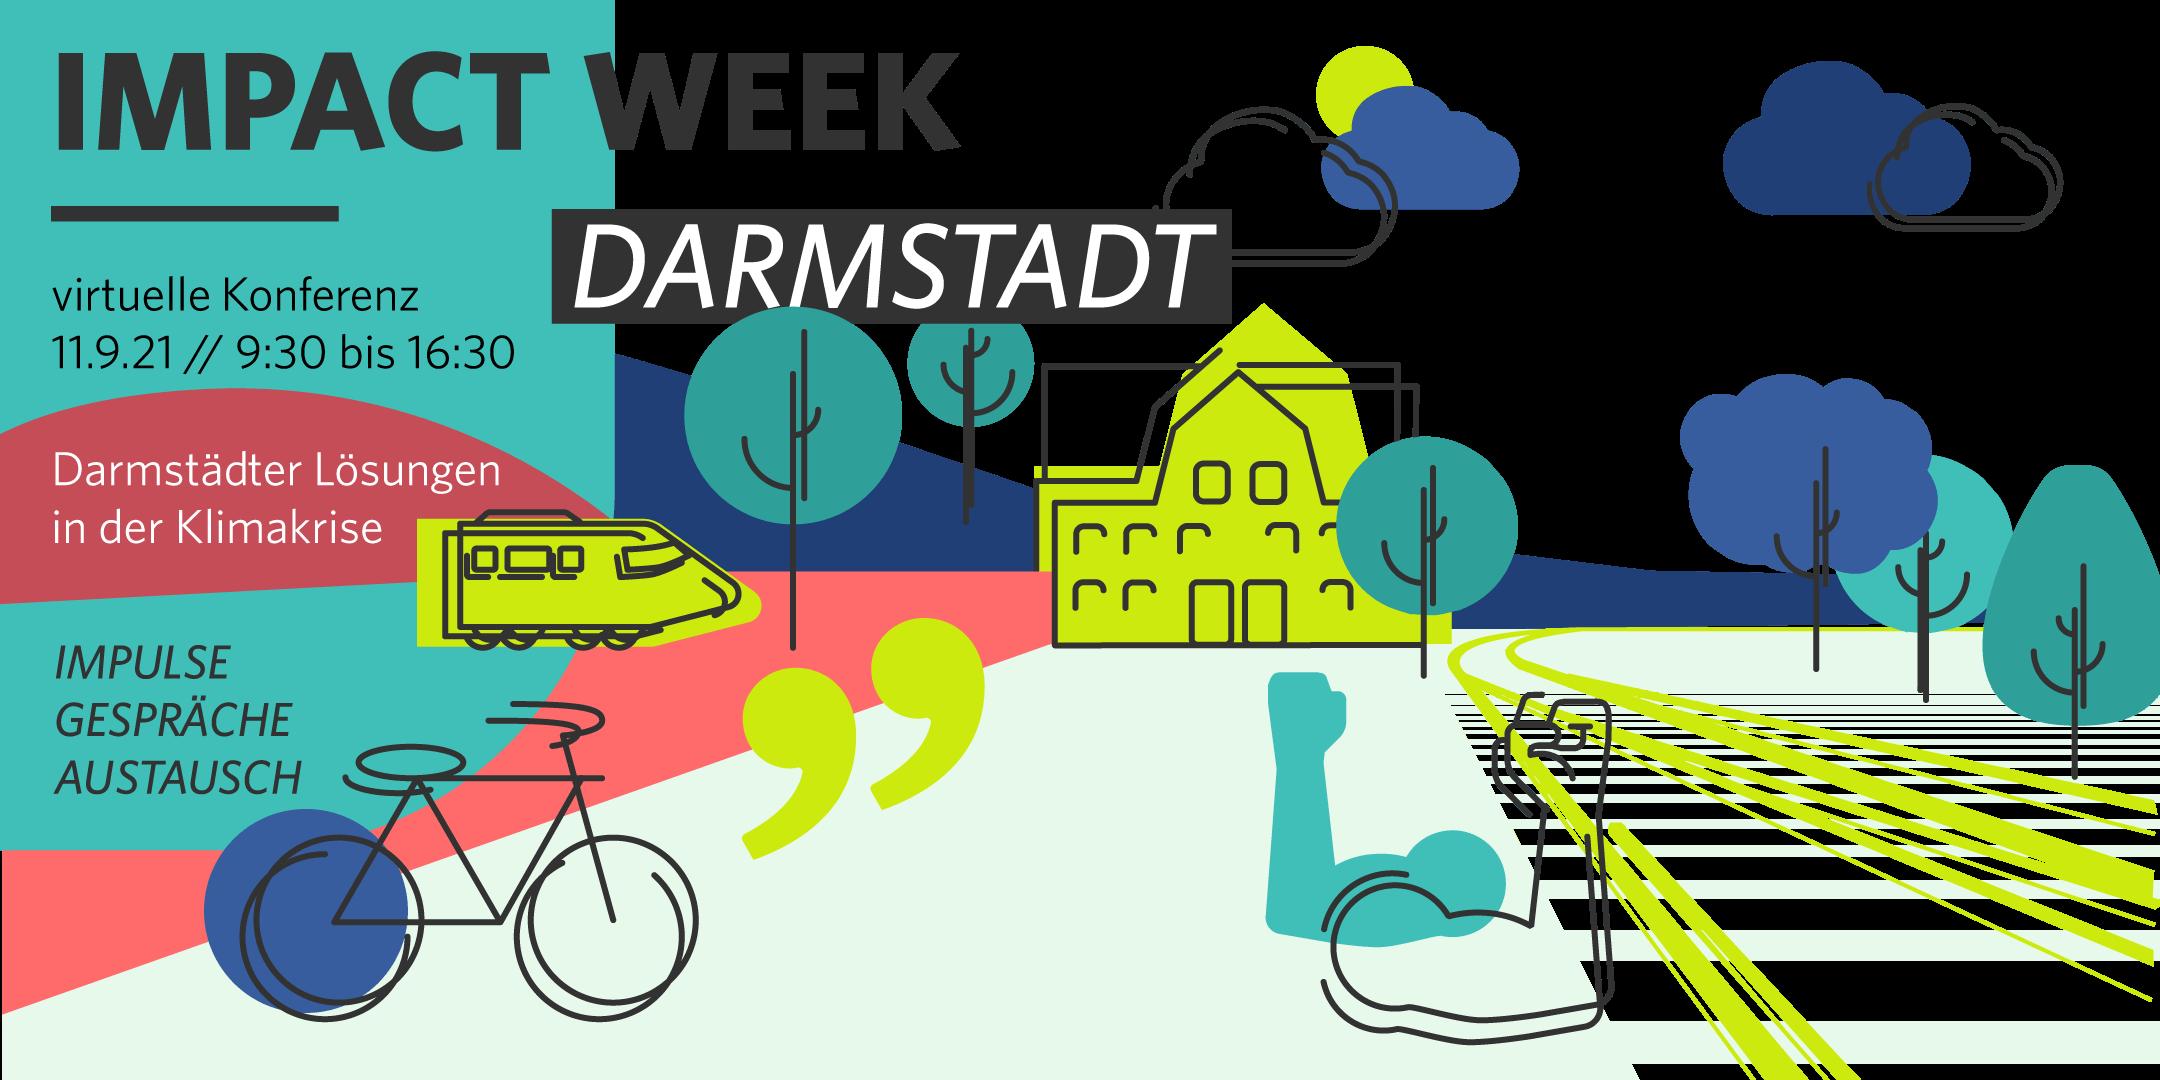 Impact Week Darmstadt